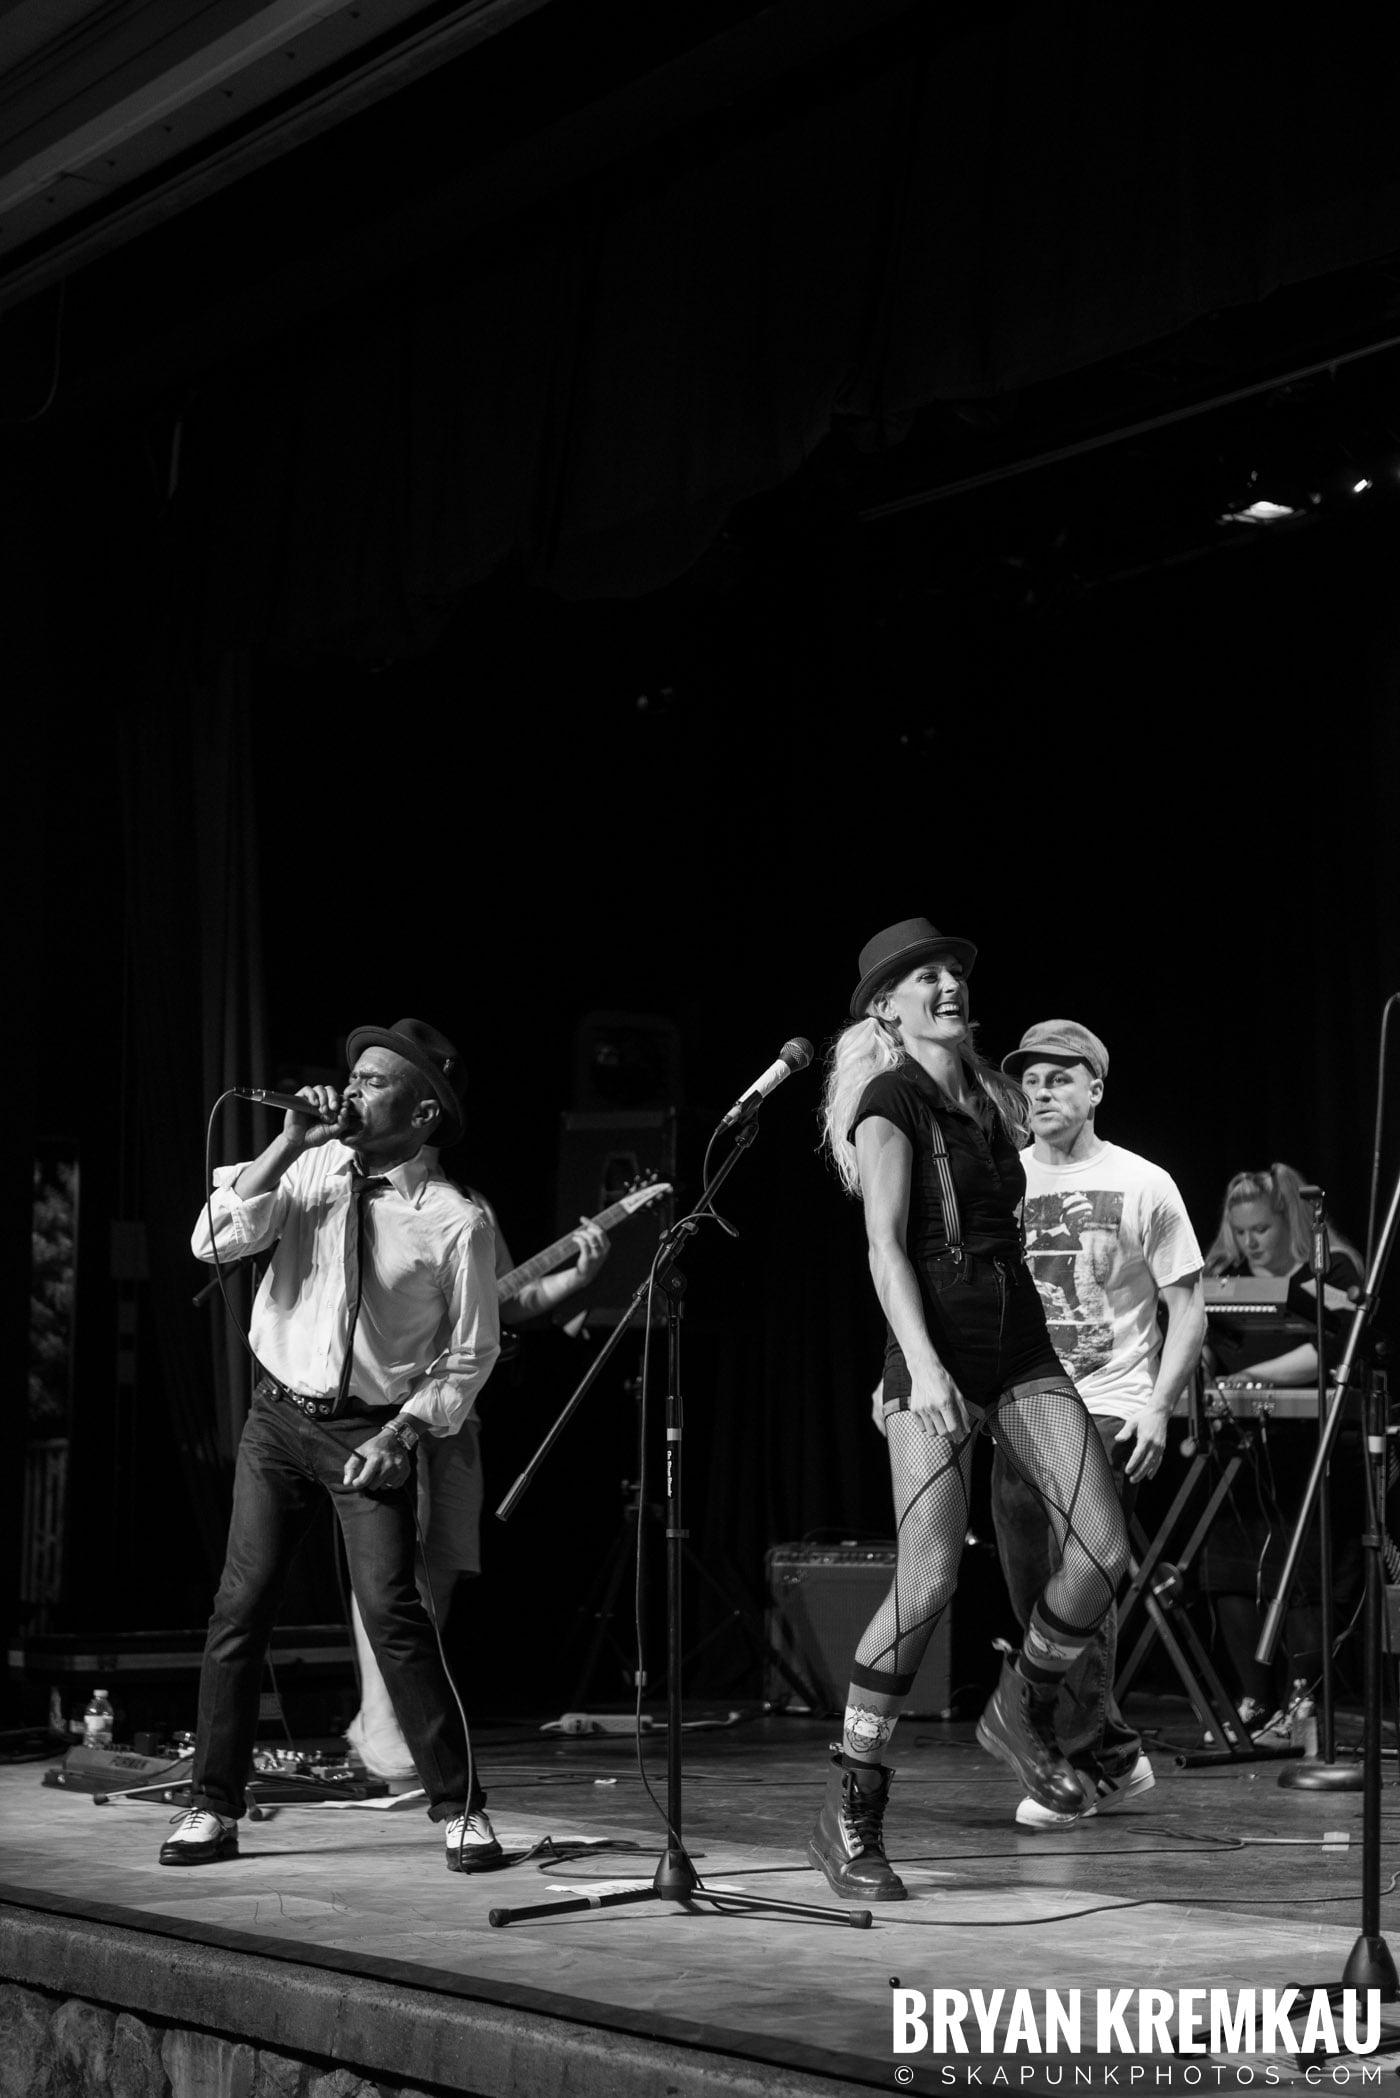 Rude Boy George @ Oskar Schindler Performing Arts Center, West Orange, NJ - 8.19.17 (1)